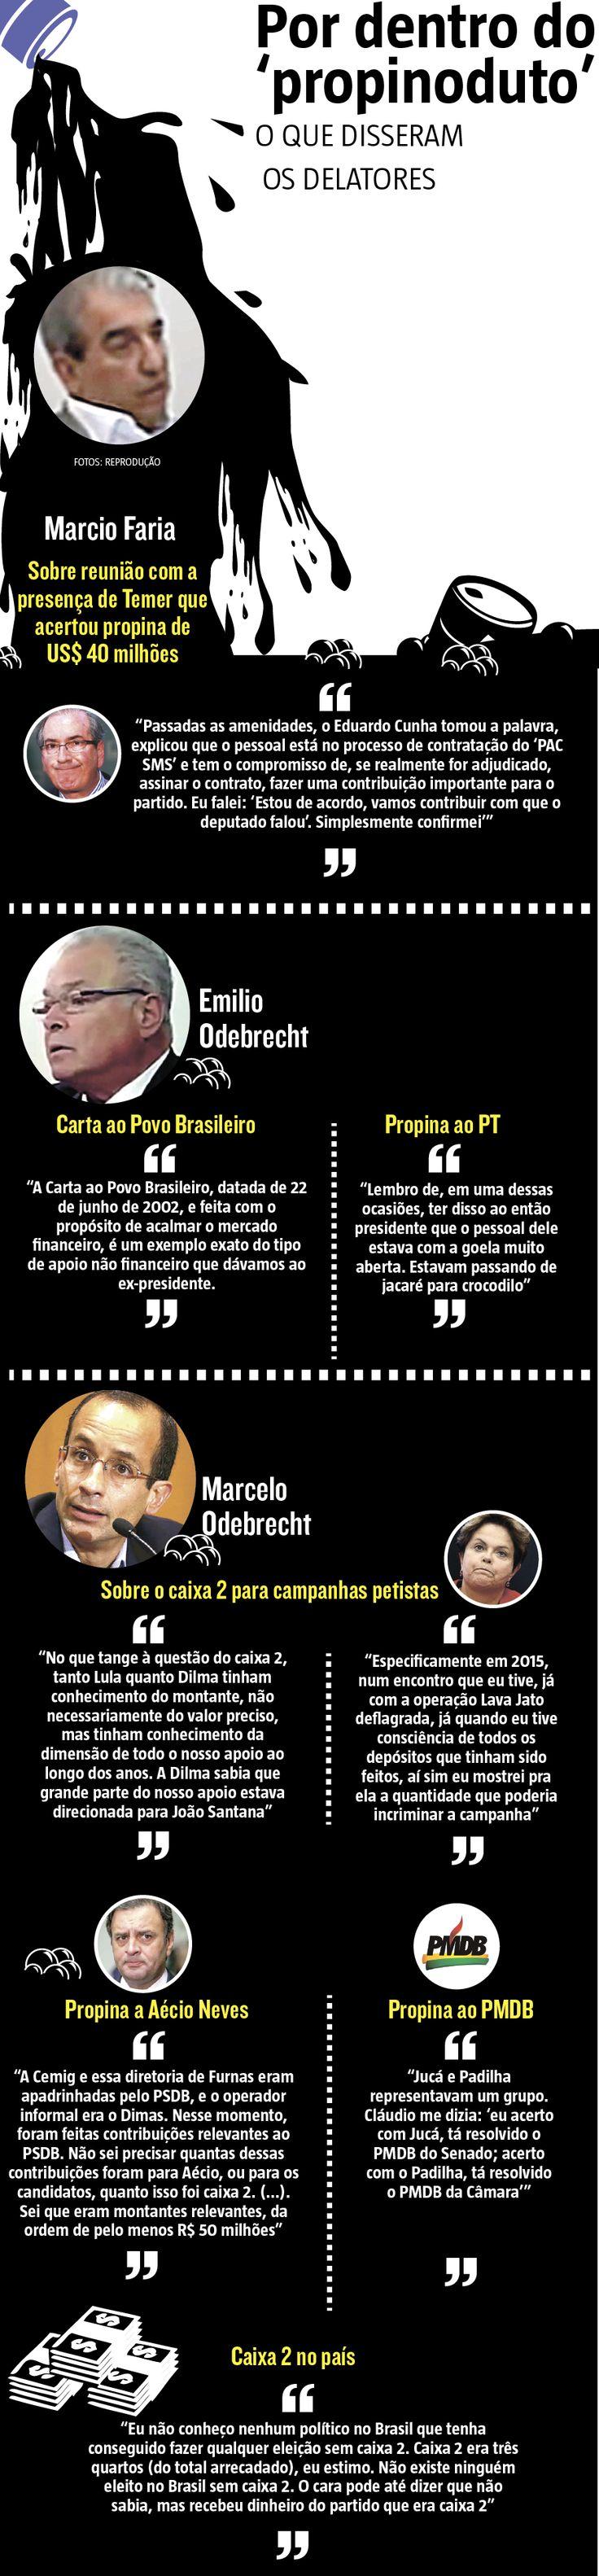 O ex-presidente Luiz Inácio Lula da Silva, o senador Aécio Neves (PSDB-MG) e o presidente Michel Temer foram os políticos mais criticados nas redes sociais nas primeiras 24 horas após a divulgação da lista de inquéritos abertos pelo ministro Edson Fachin, do Supremo Tribunal Federal (STF) (14/04/2017) #Política #Corrupção #LavaJato #Propinoduto #Fachin #Lista #Delação #Delator #Odebrecht #Infográfico #Infografia #HojeEmDia